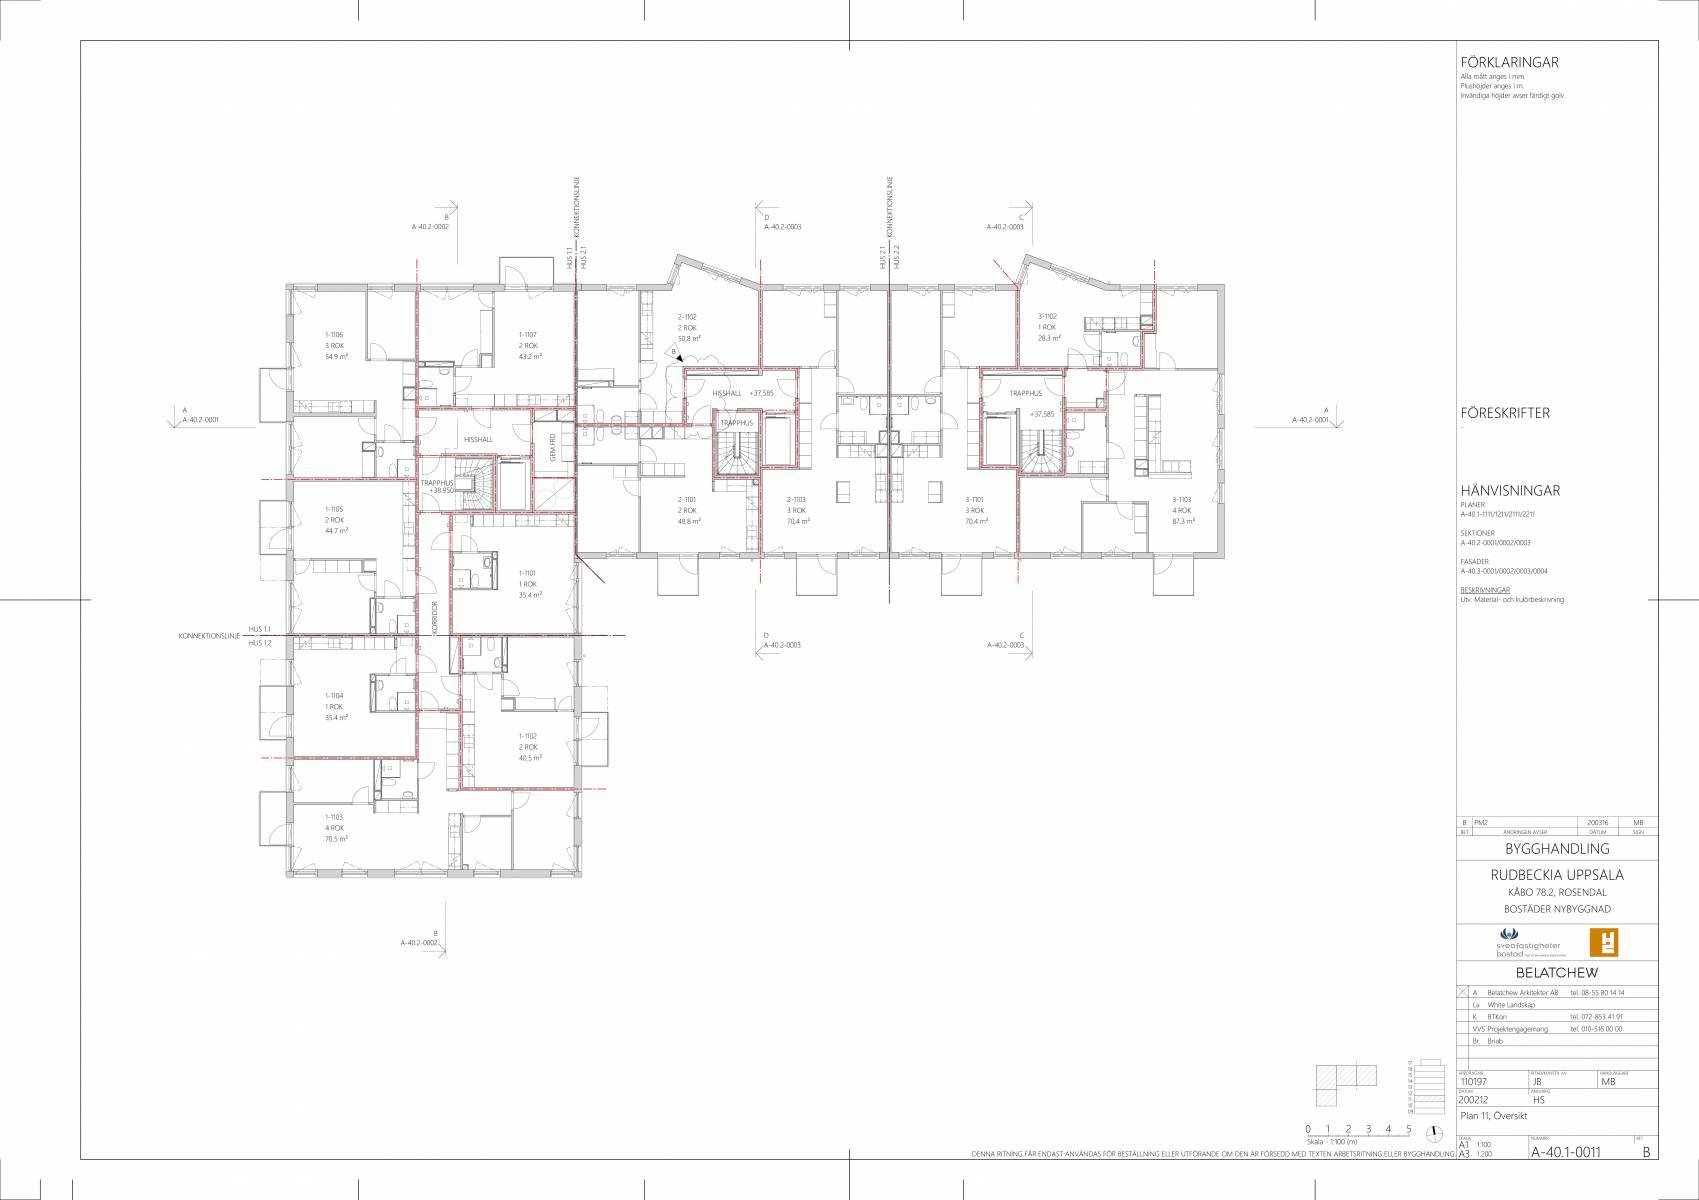 Planritning Våning 2, 3 och 4